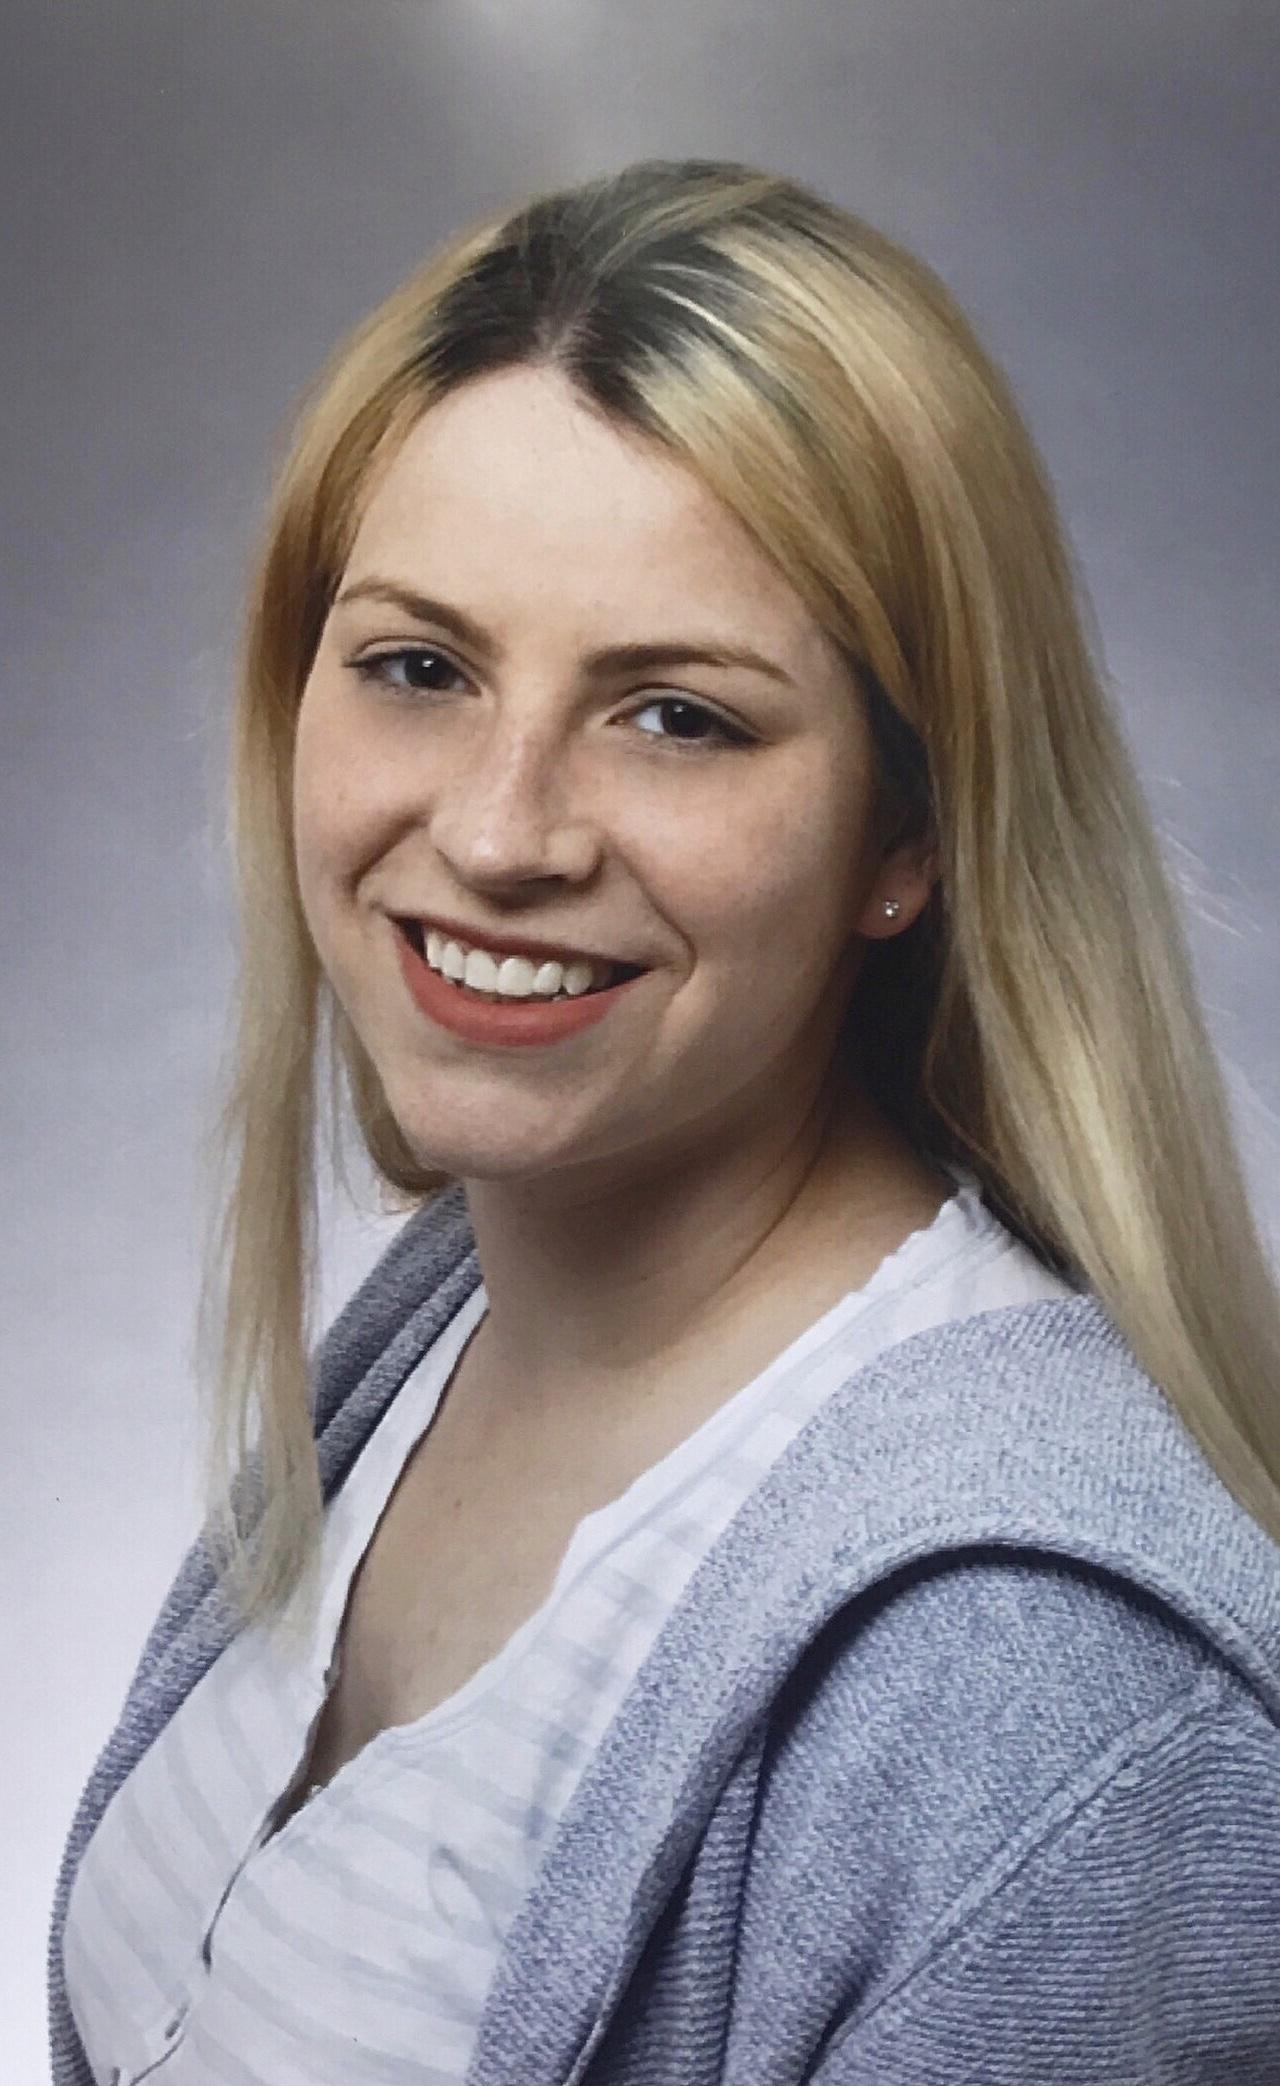 Polina Shilikhina